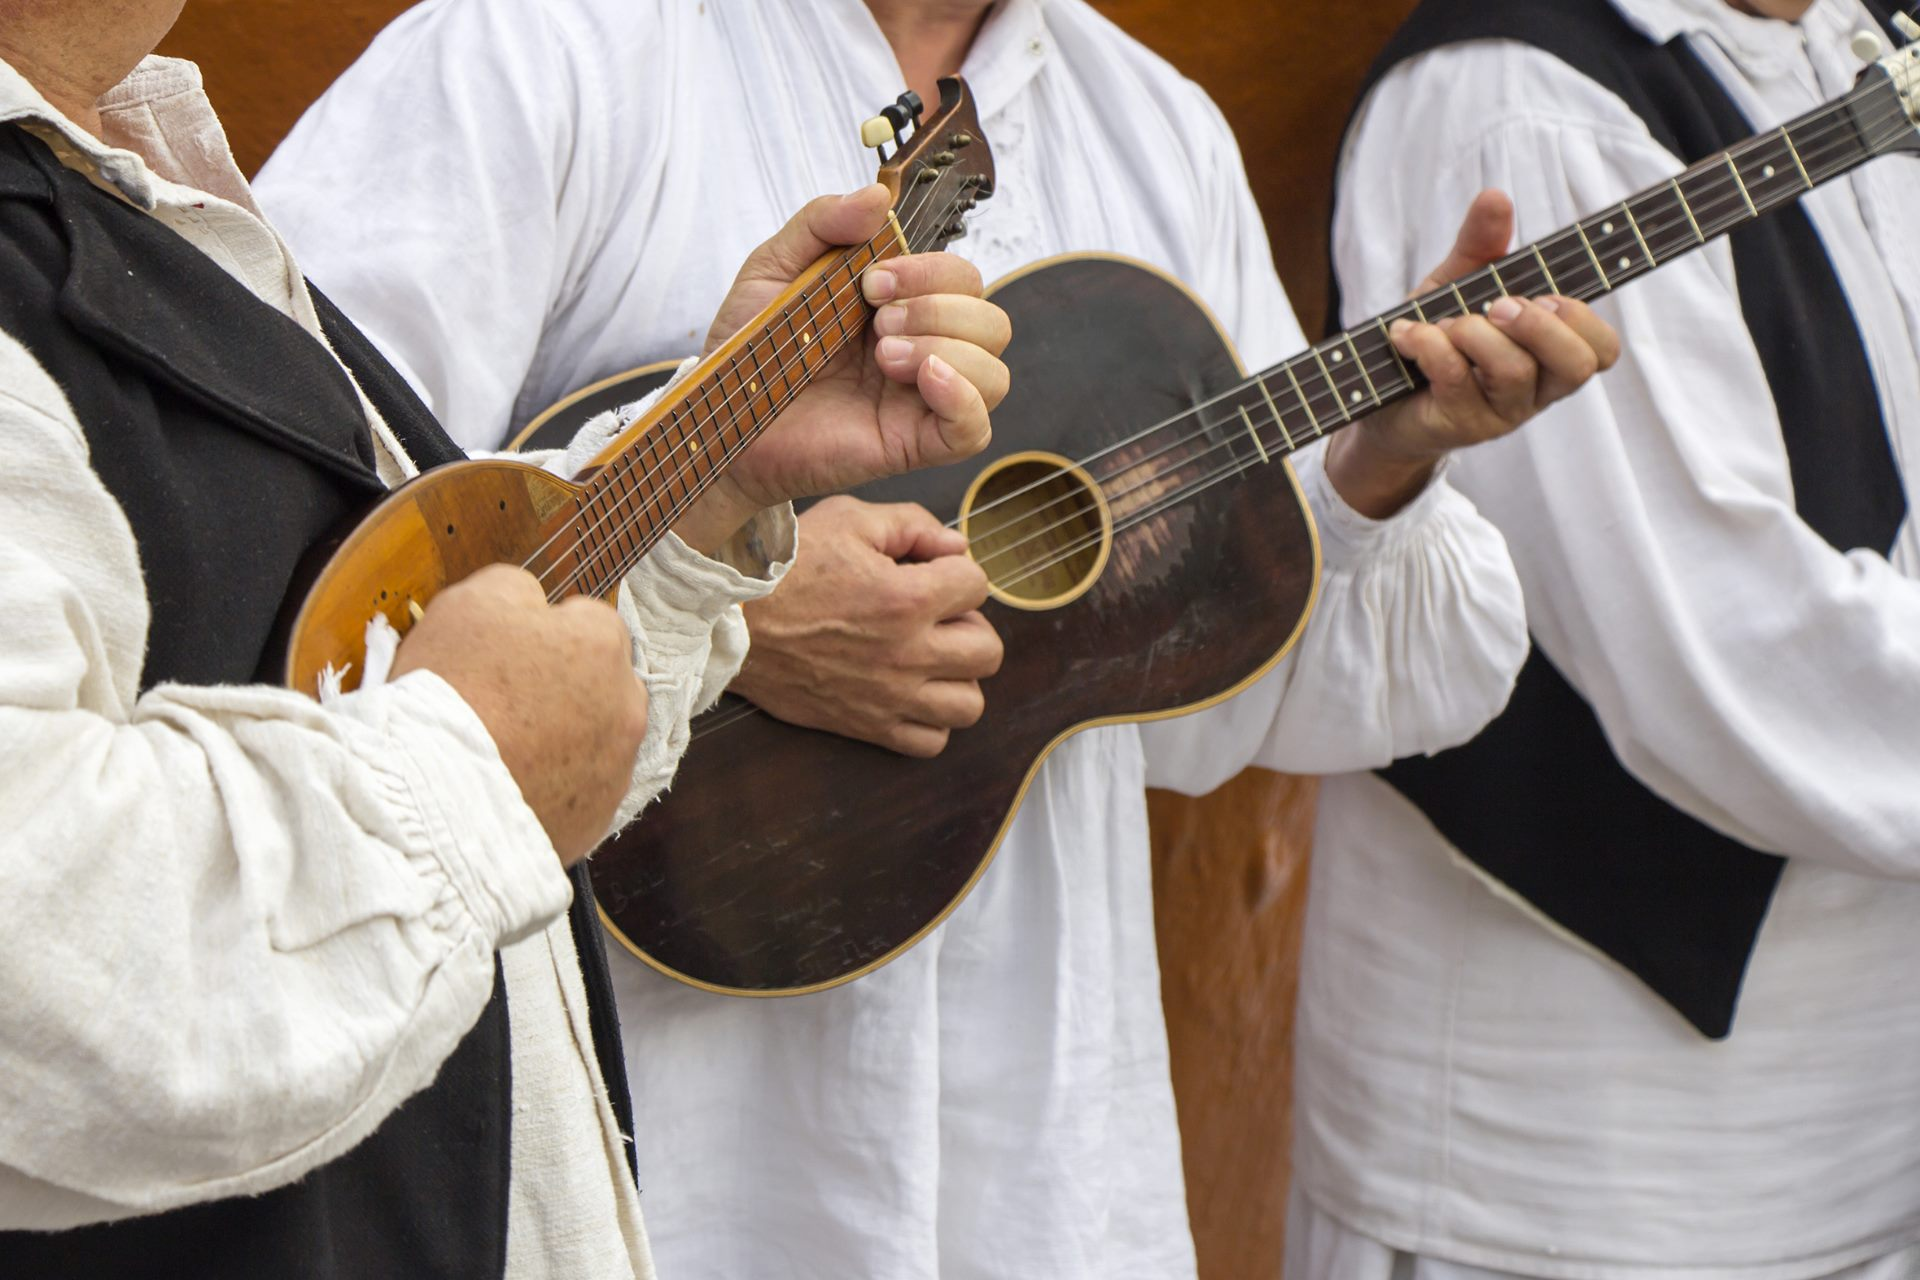 Traditionelle Musiker, die Gitarre spielen in Kroatien